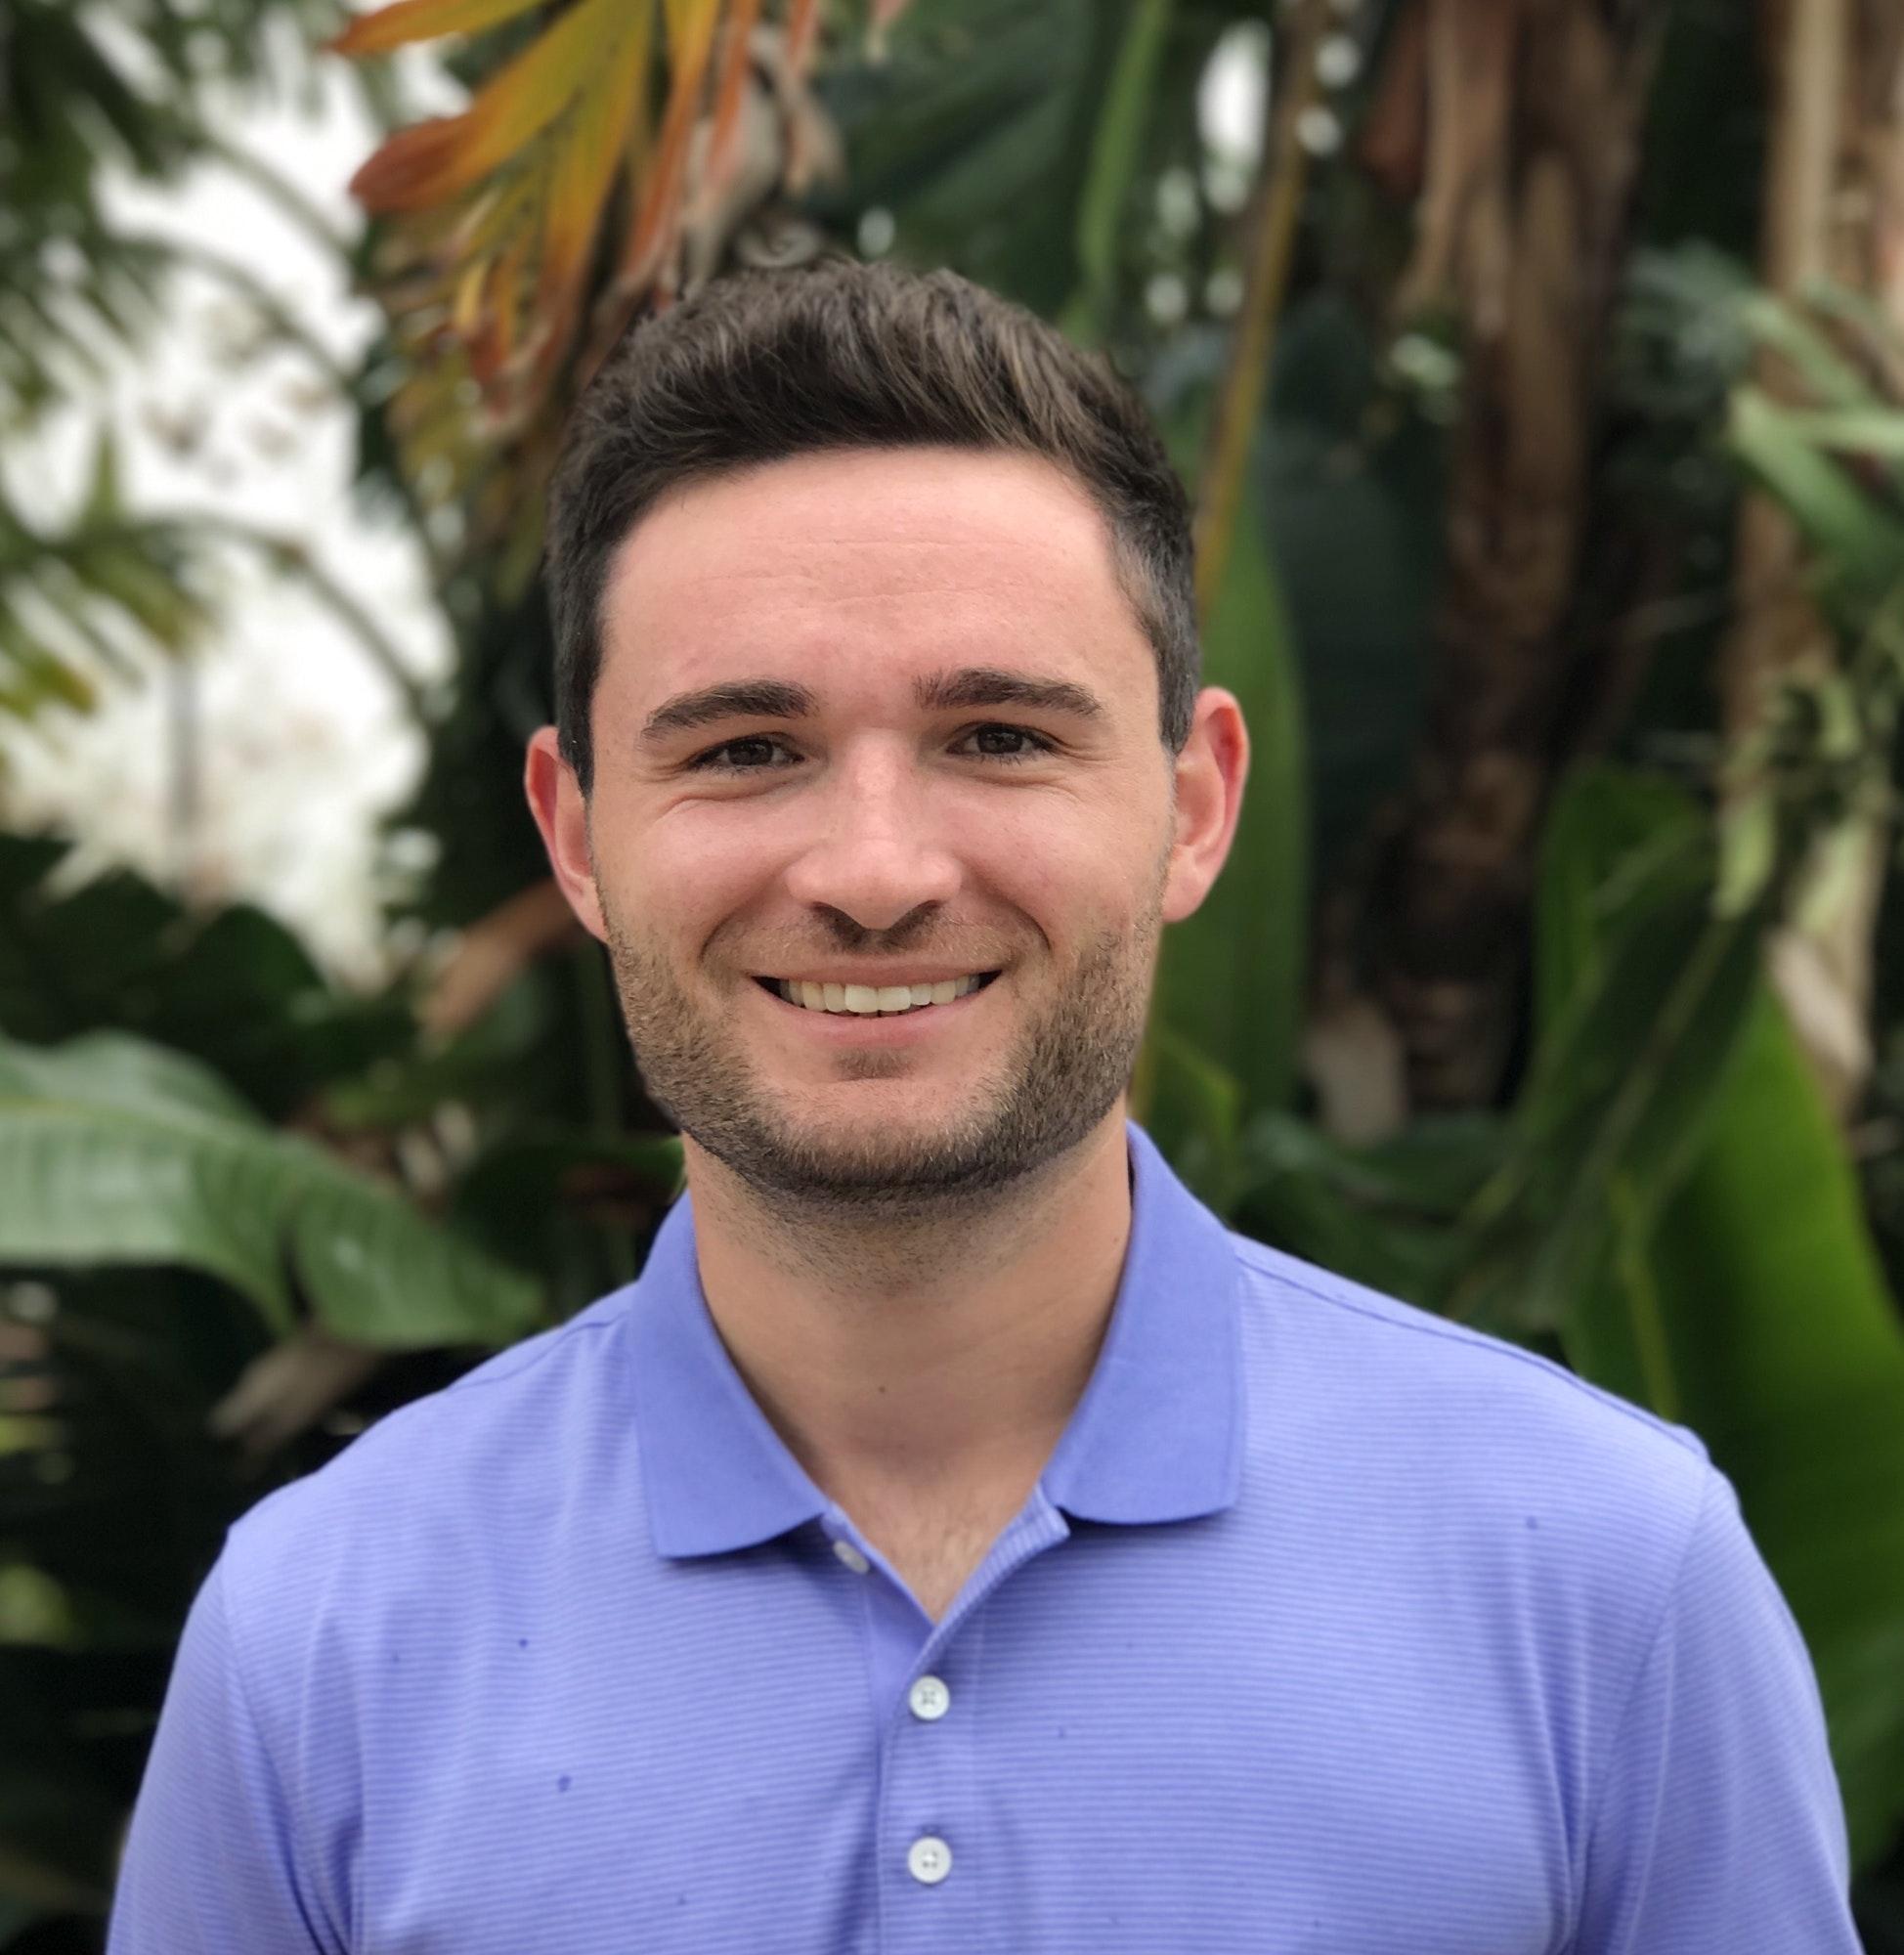 Stefan B. teaches tennis lessons in Kissimmee, FL